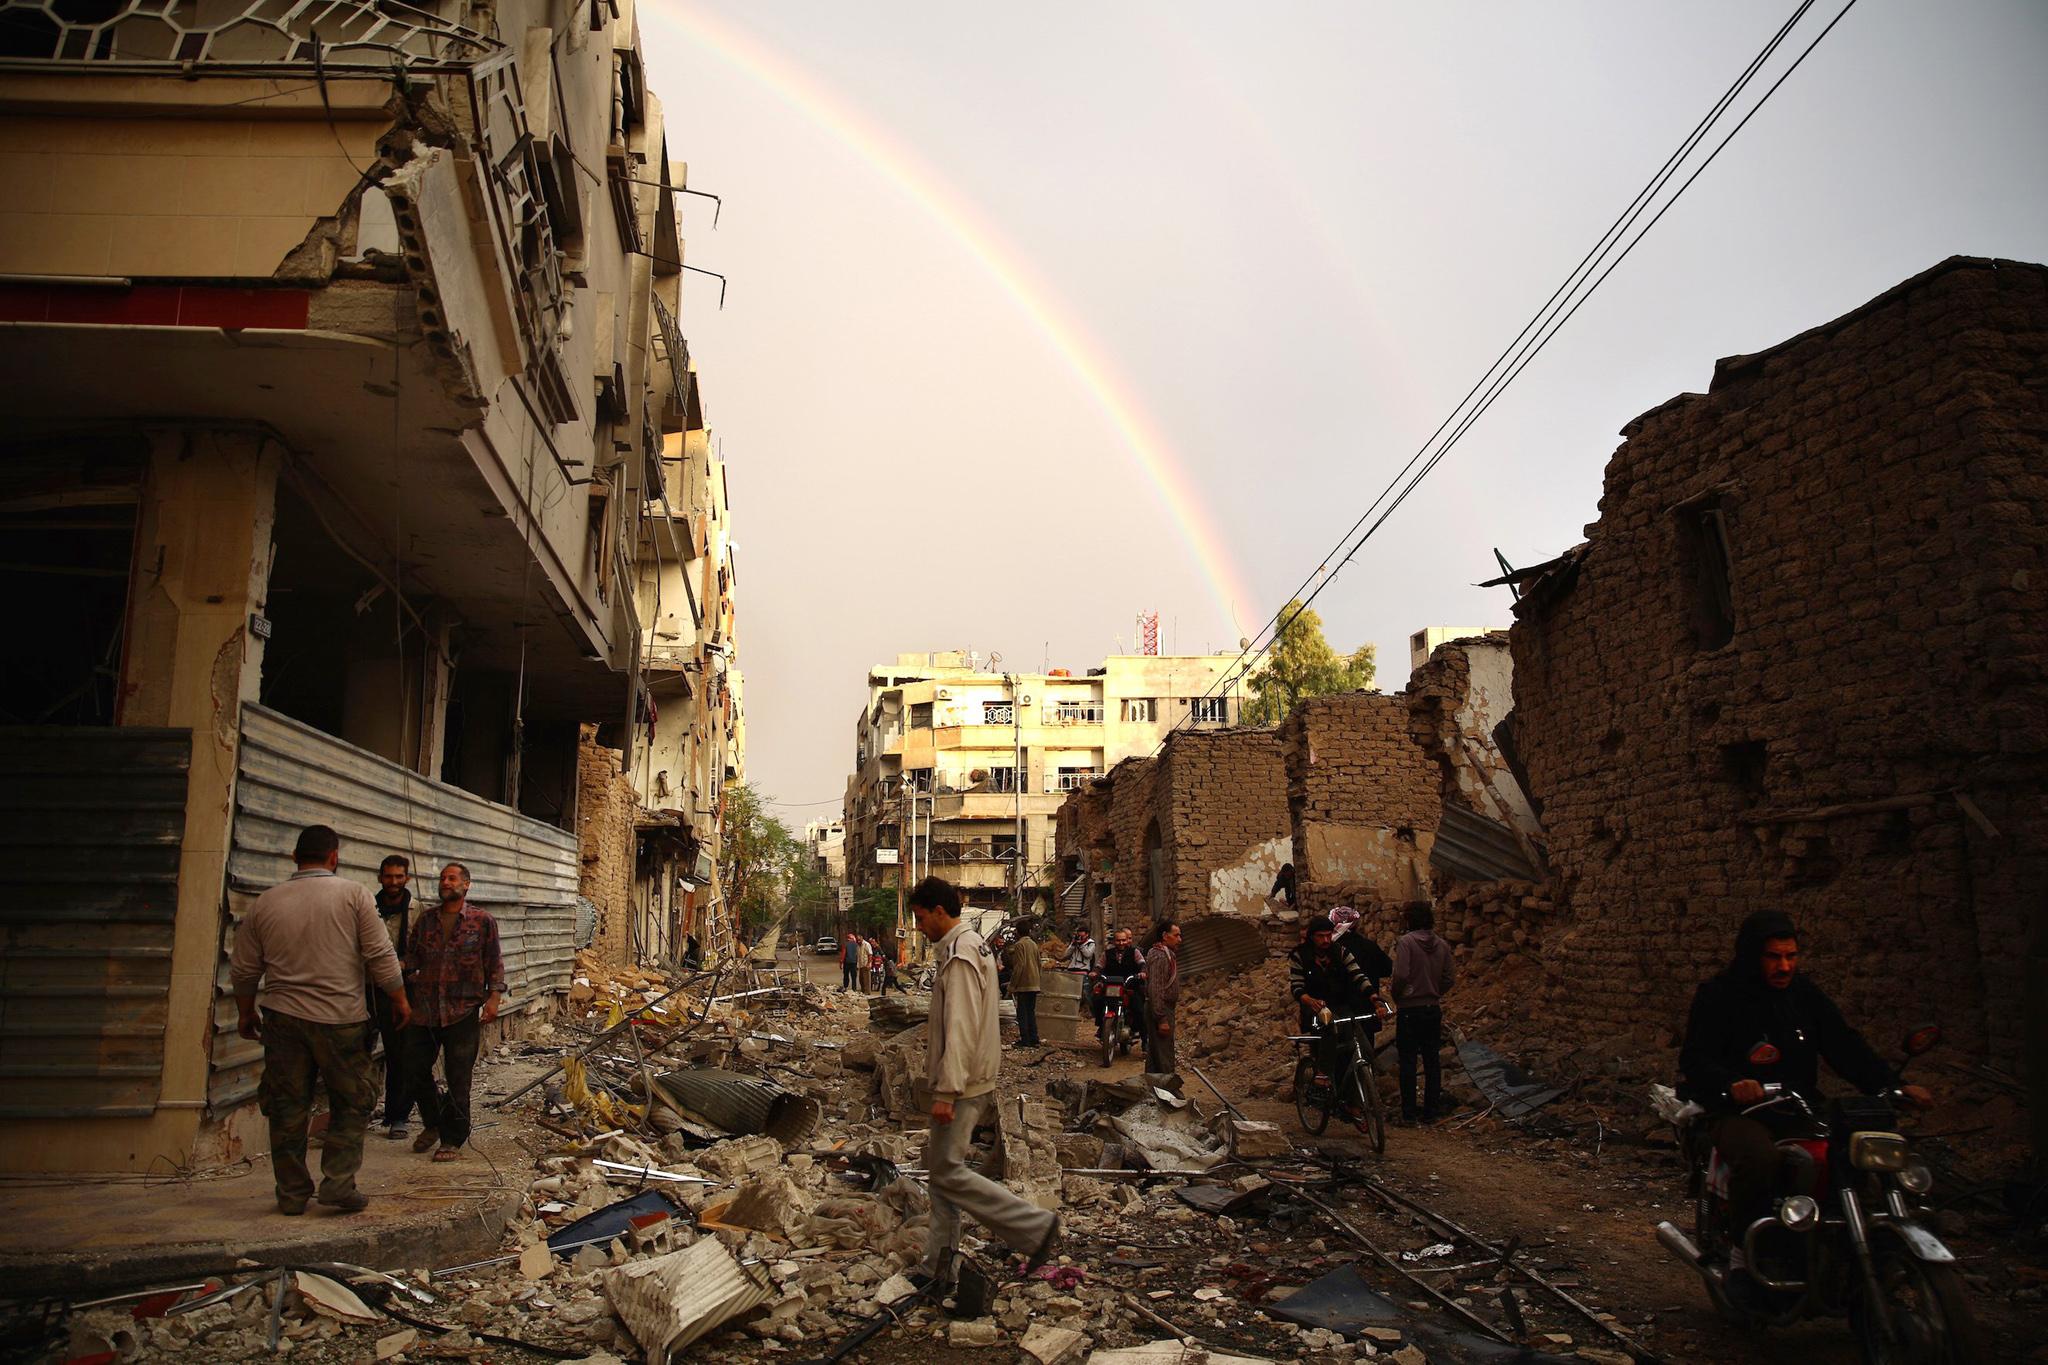 Residenti di Douma (Damasco) camminano tra i detriti dopo un attacco aereo delle forze governative siriane. Credit to: AFP/Getty Images